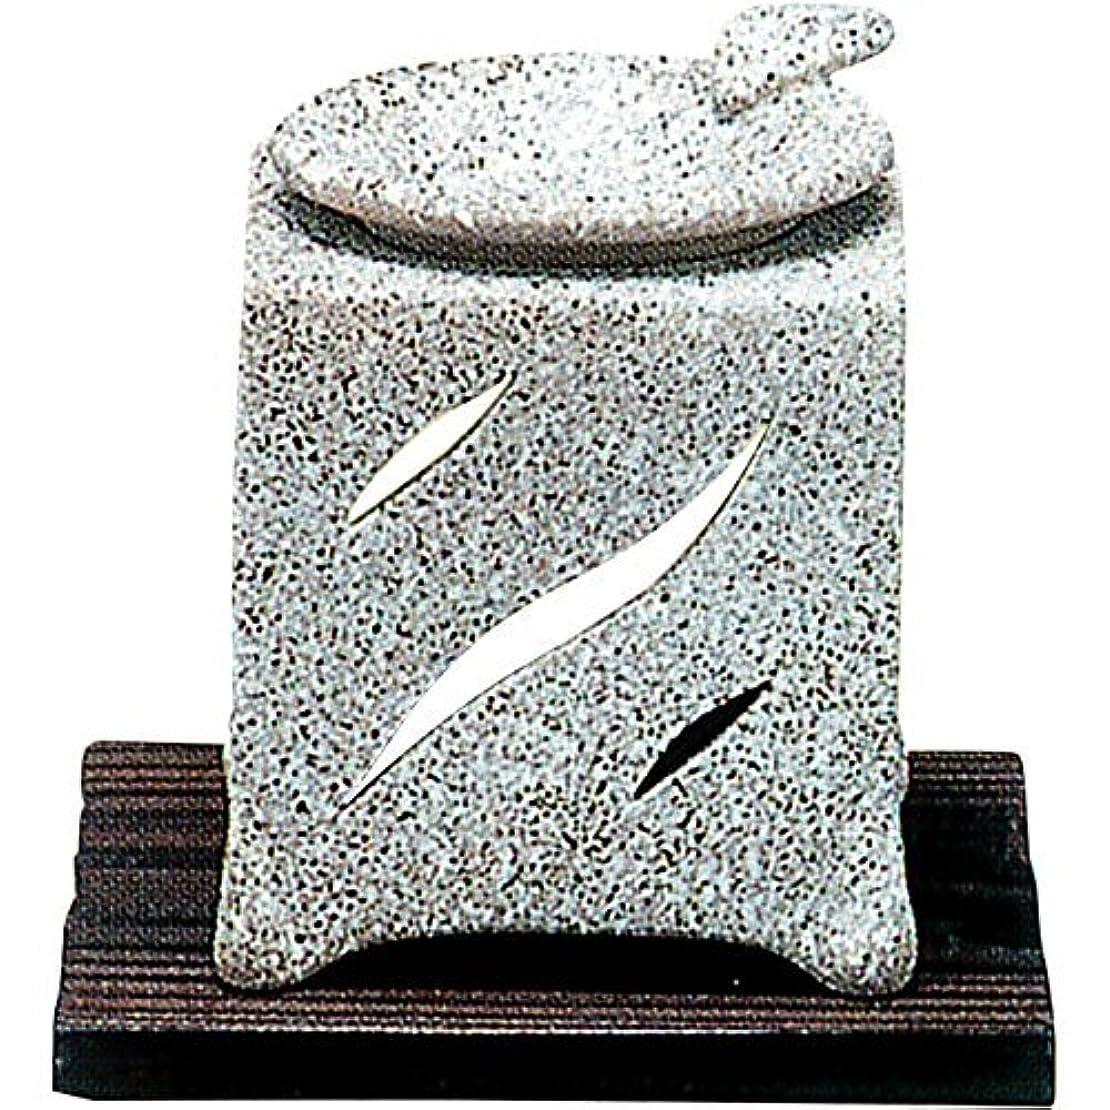 持参気体の切り離す【常滑焼】山房 石風角形茶香炉 石風角形 10×10×H12㎝ 5-261